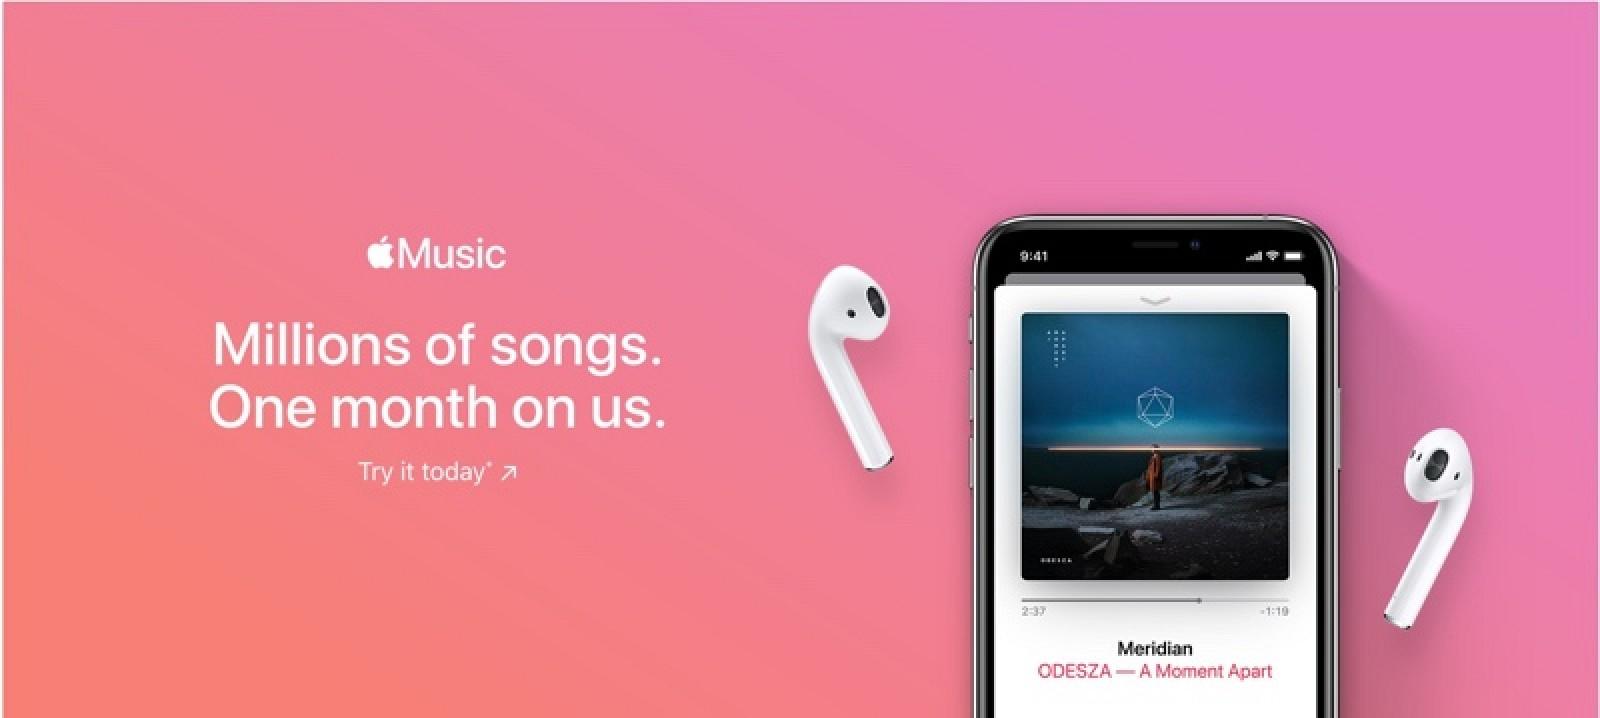 Apple podría estar cambiando la versión de prueba de Apple Music de tres meses a un mes